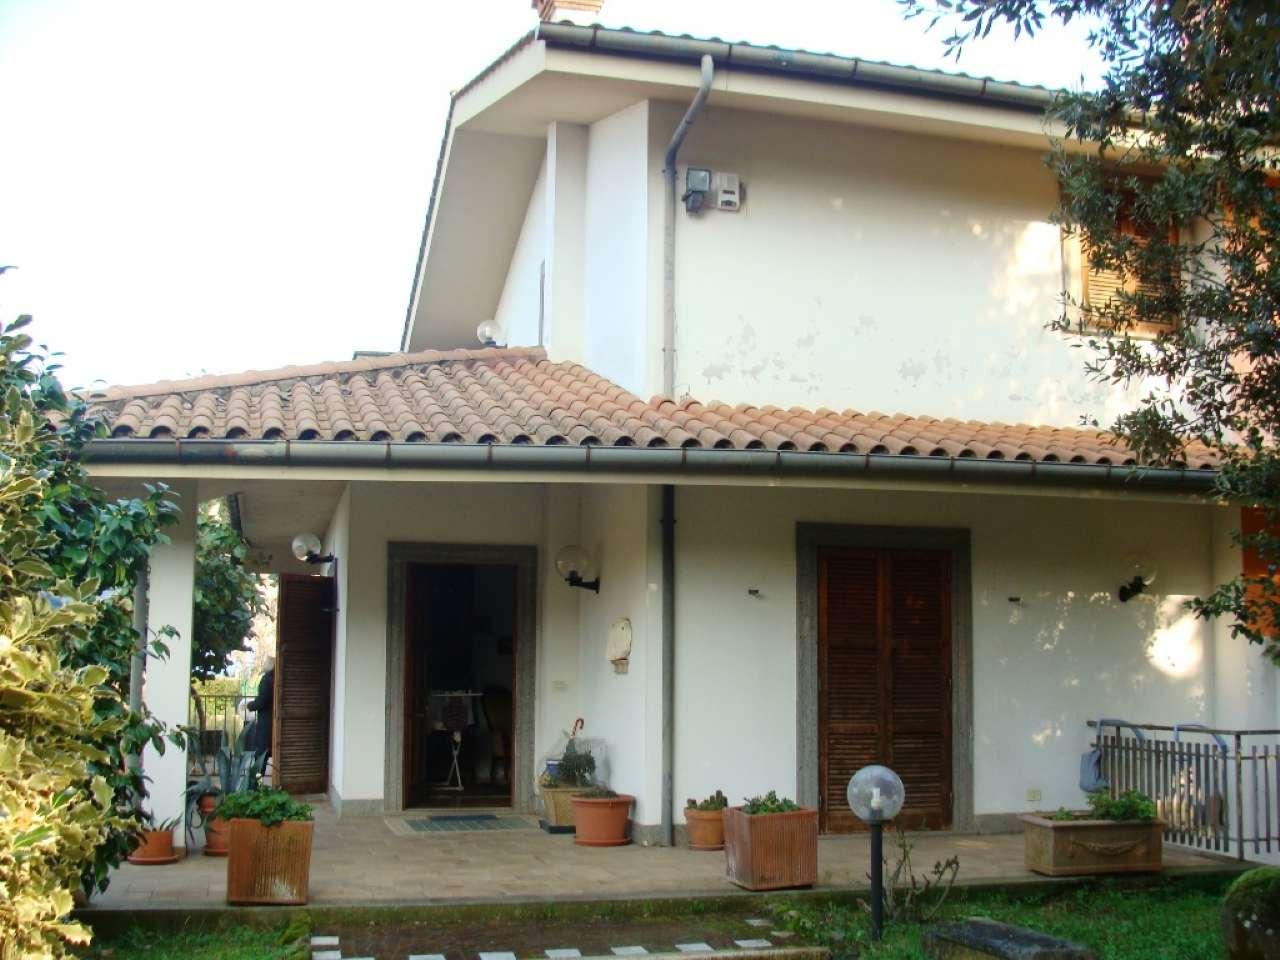 Villa Bifamiliare in vendita a Rocca di Papa, 5 locali, prezzo € 349.000 | CambioCasa.it